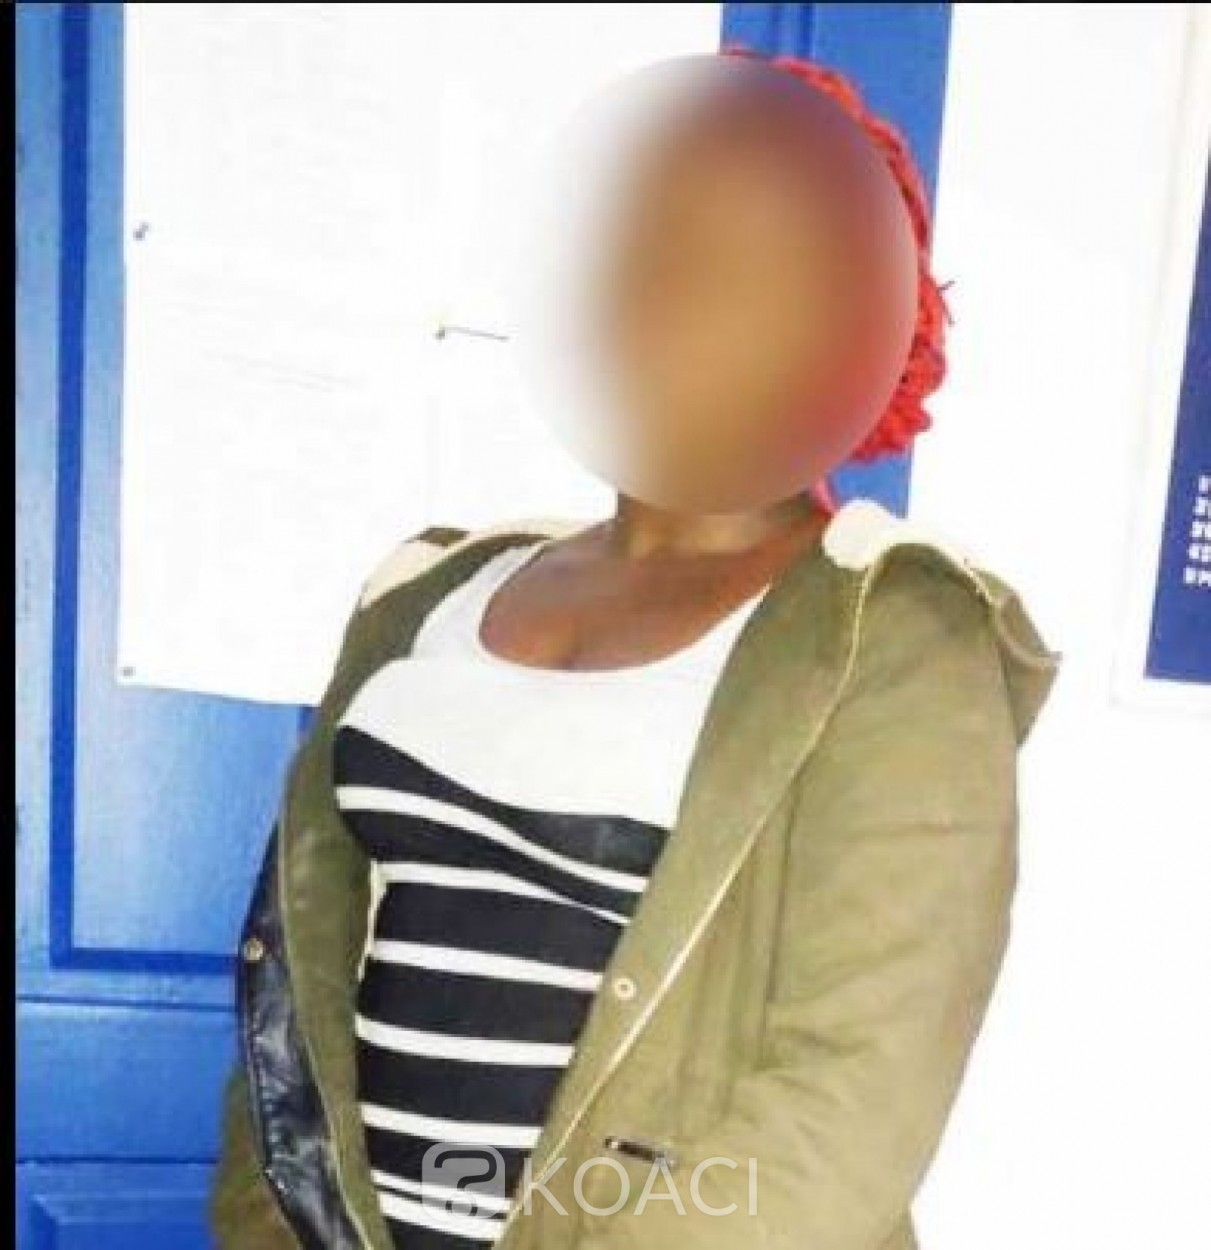 Côte d'Ivoire: Diawala, une Nigériane promet un travail lucratif à sa compatriote « La prostitution »